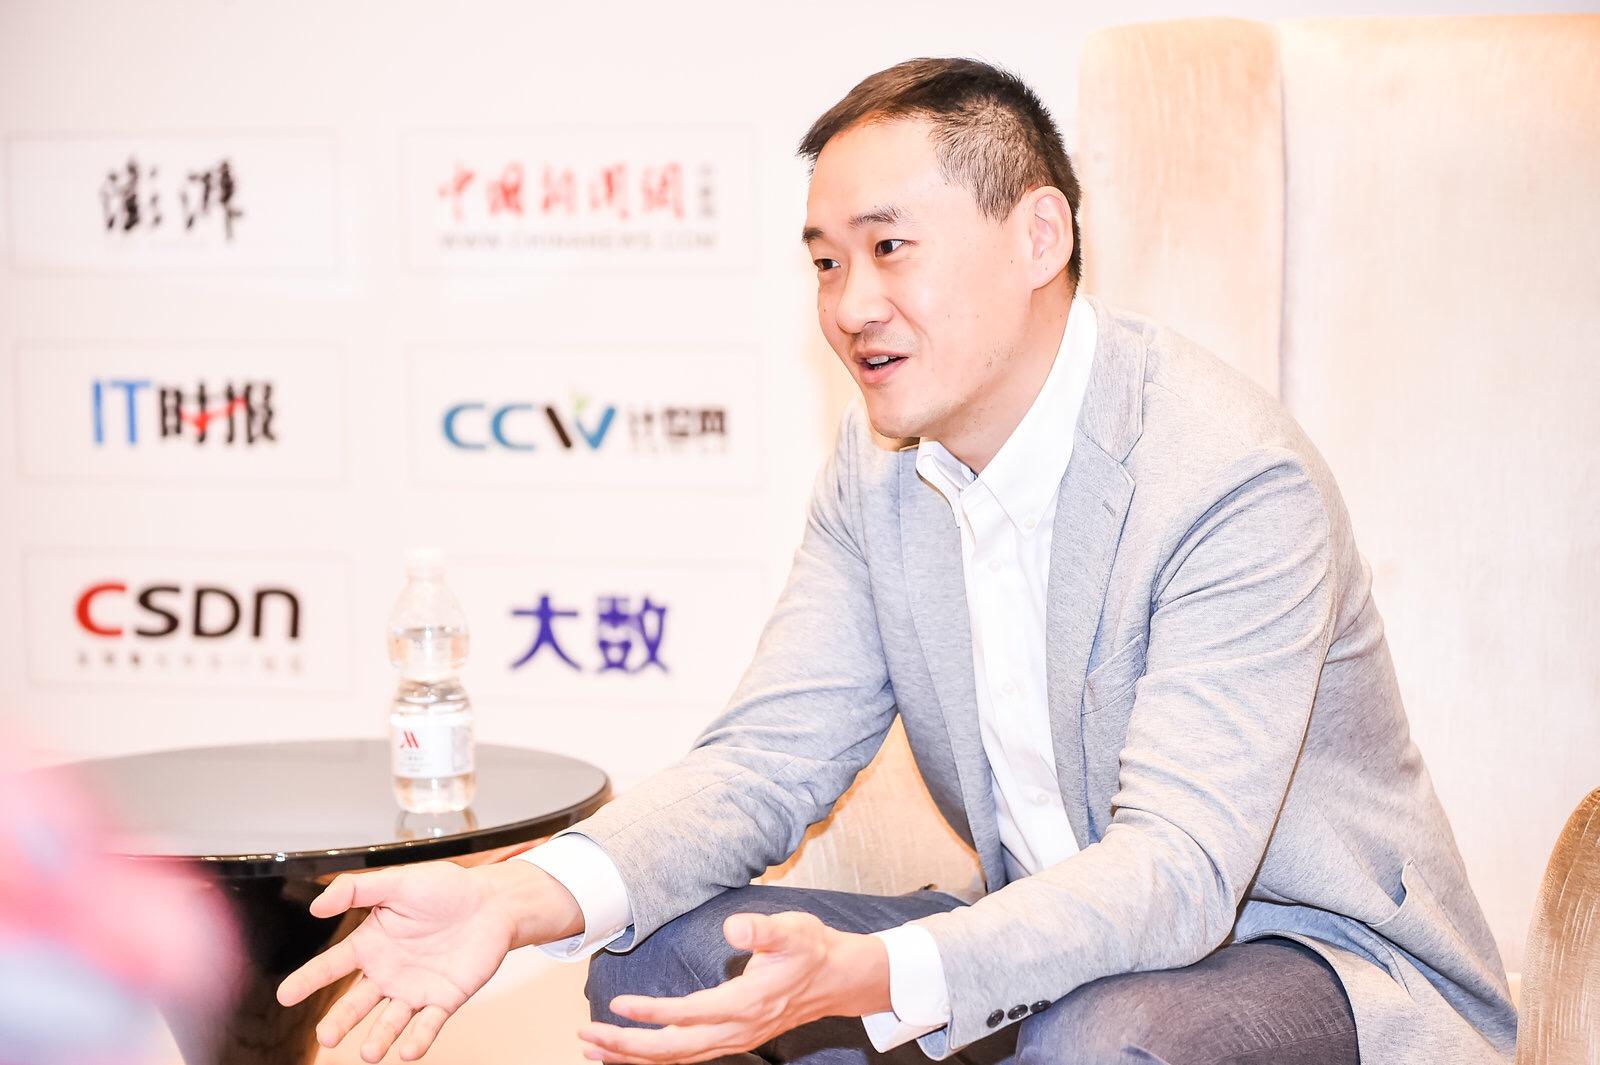 UCloud谢乐冰:中国企业出海最大问题 是低估落地的困难